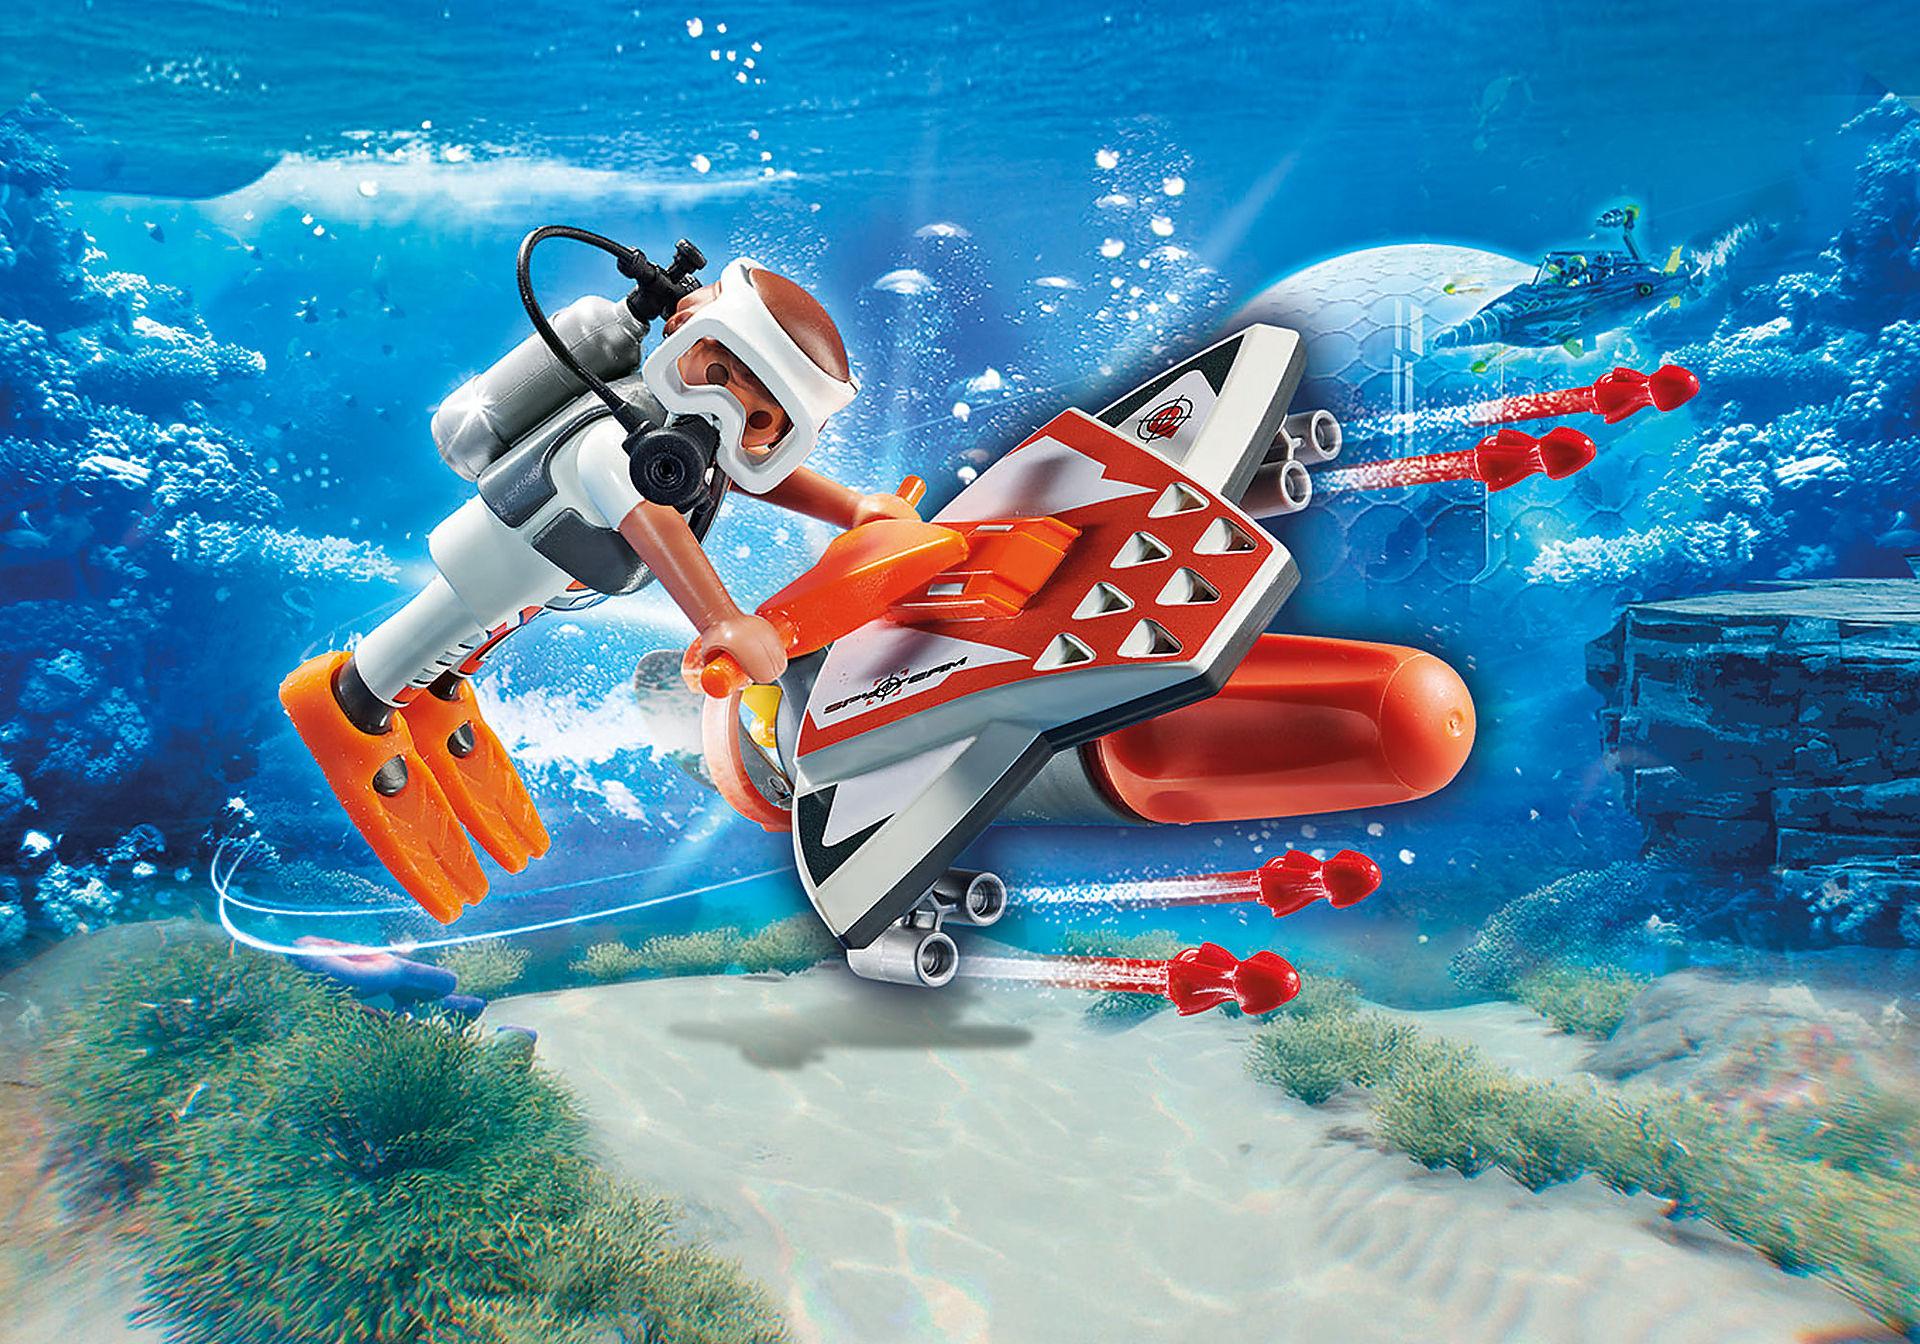 70004 Spy Team Underwater Wing zoom image1